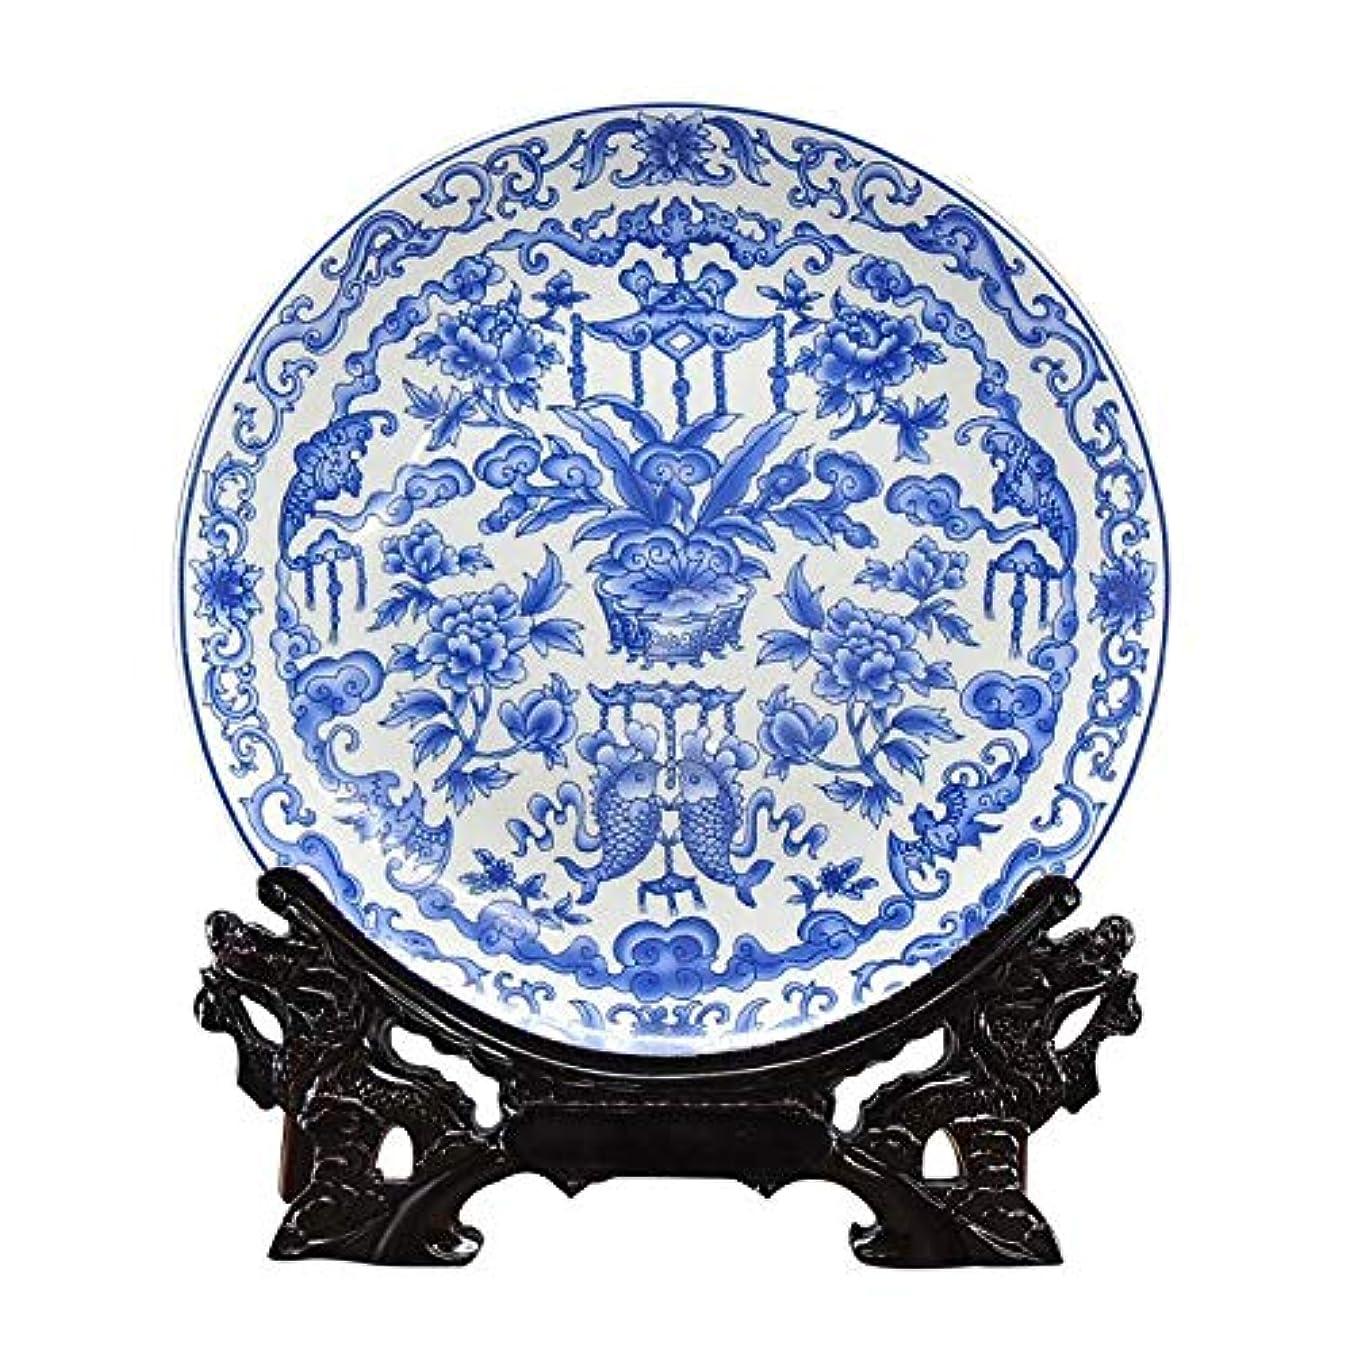 証拠バラ色ブレーキWOAIPG 磁器 青と白の磁器の結婚祝いプレート家の装飾工芸品